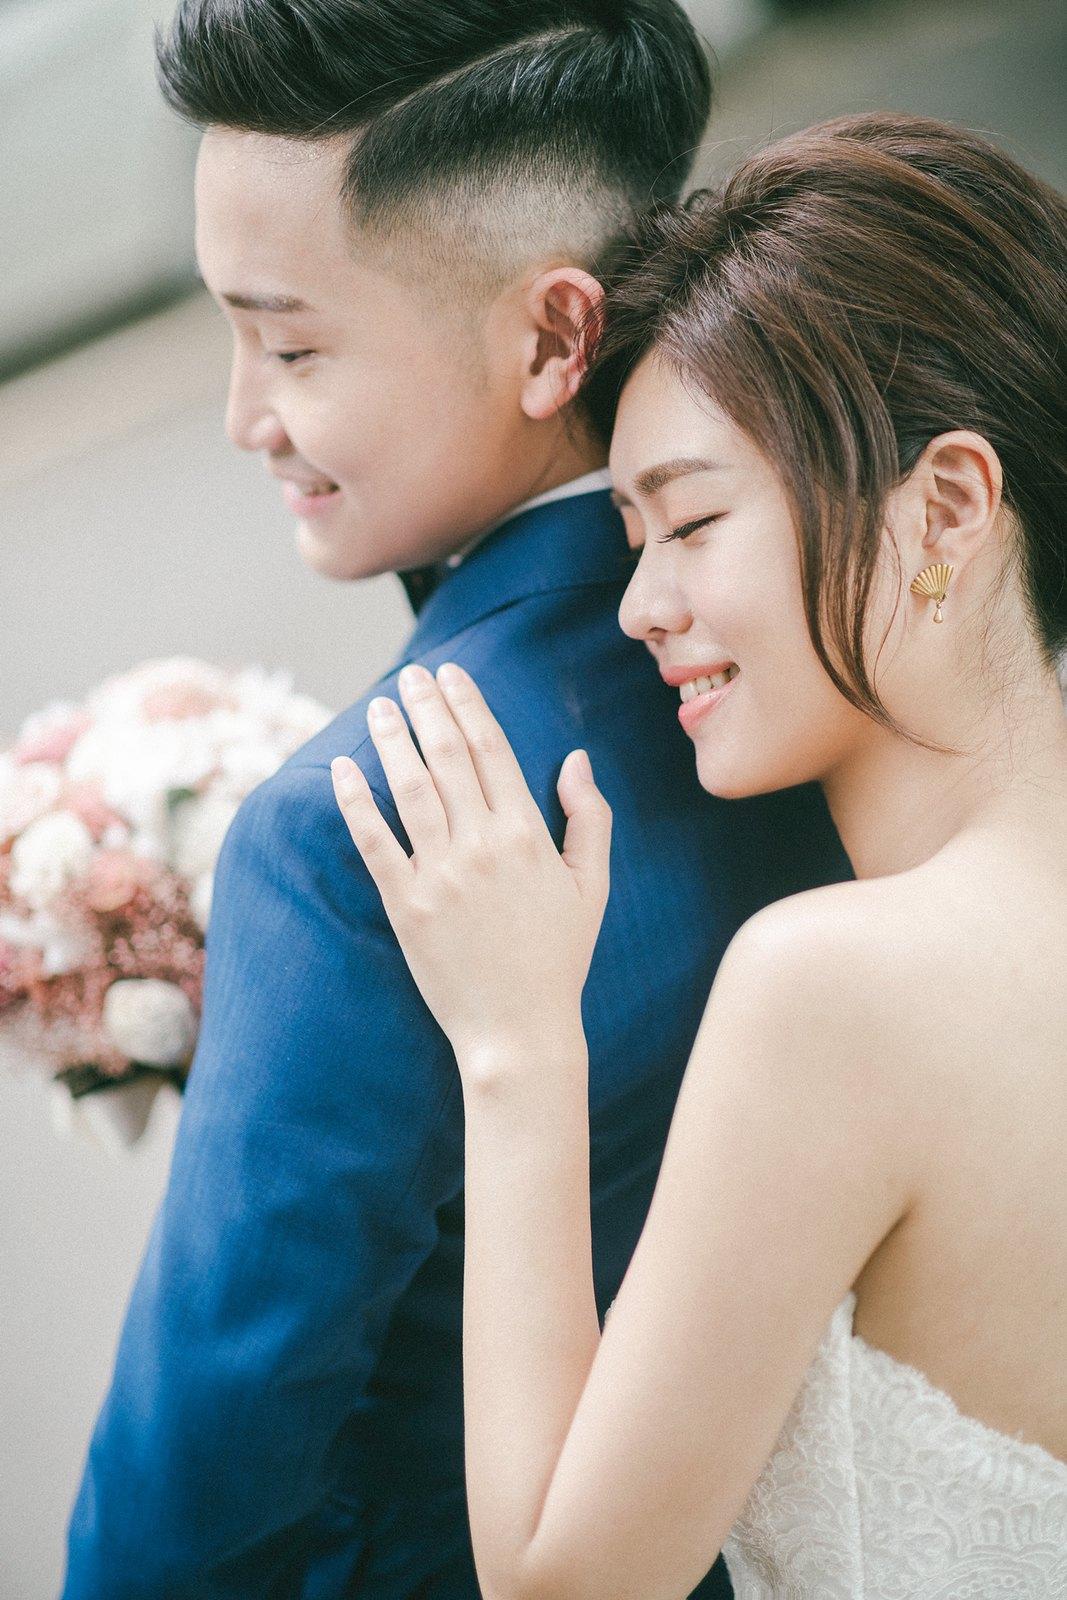 【婚紗】Will & Amy / 民生社區 / 政治大學